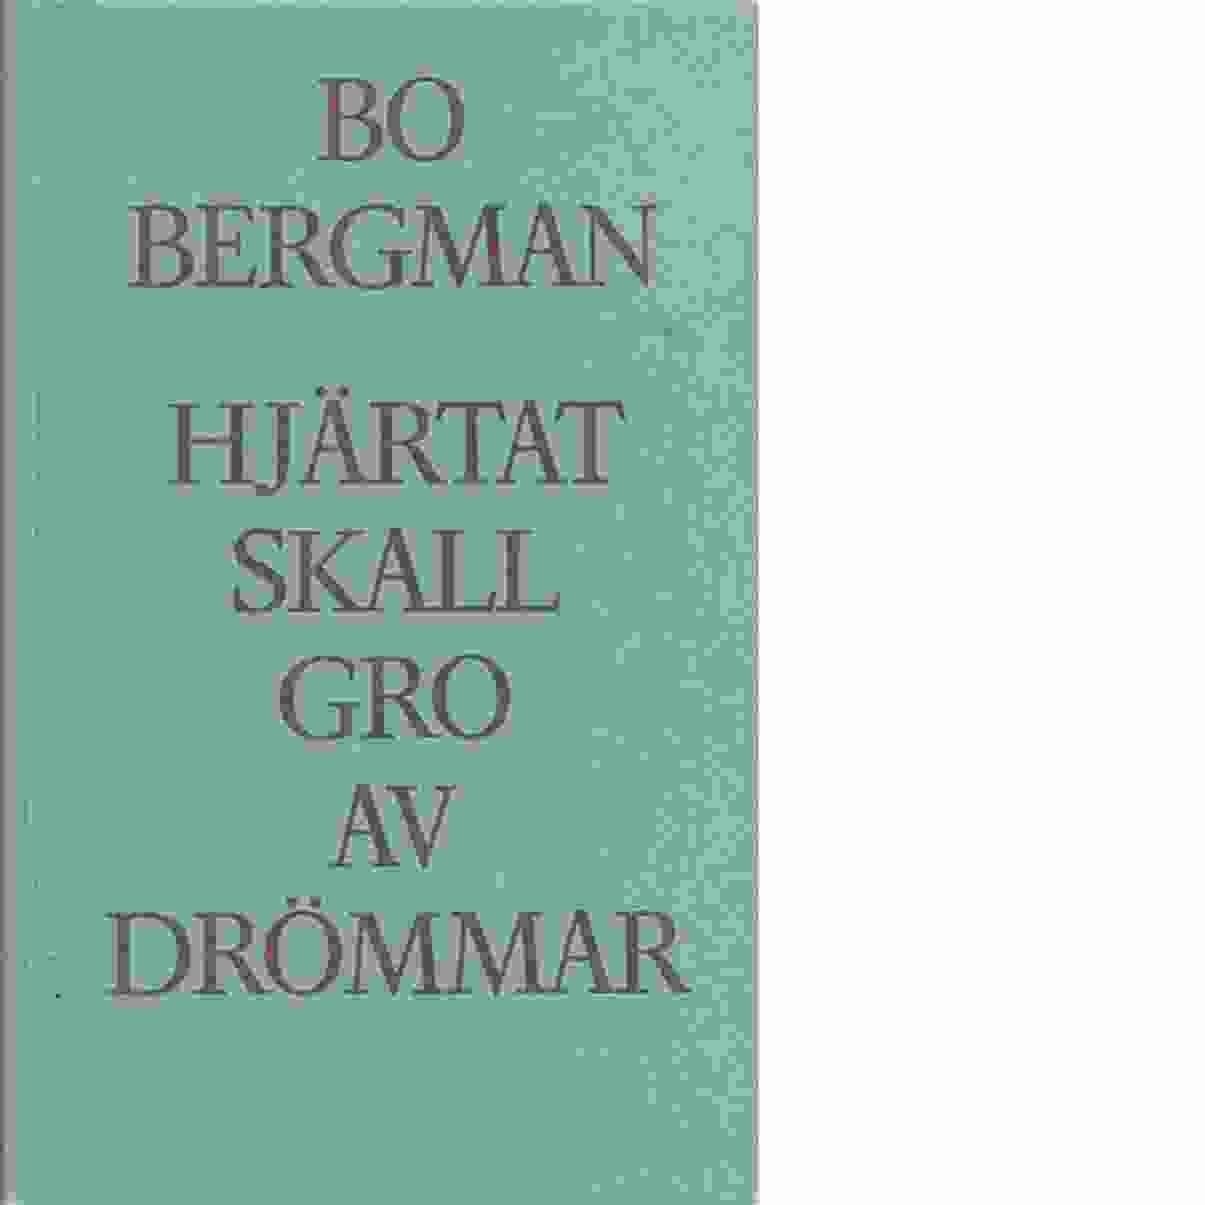 Hjärtat skall gro av drömmar - Bergman, Bo